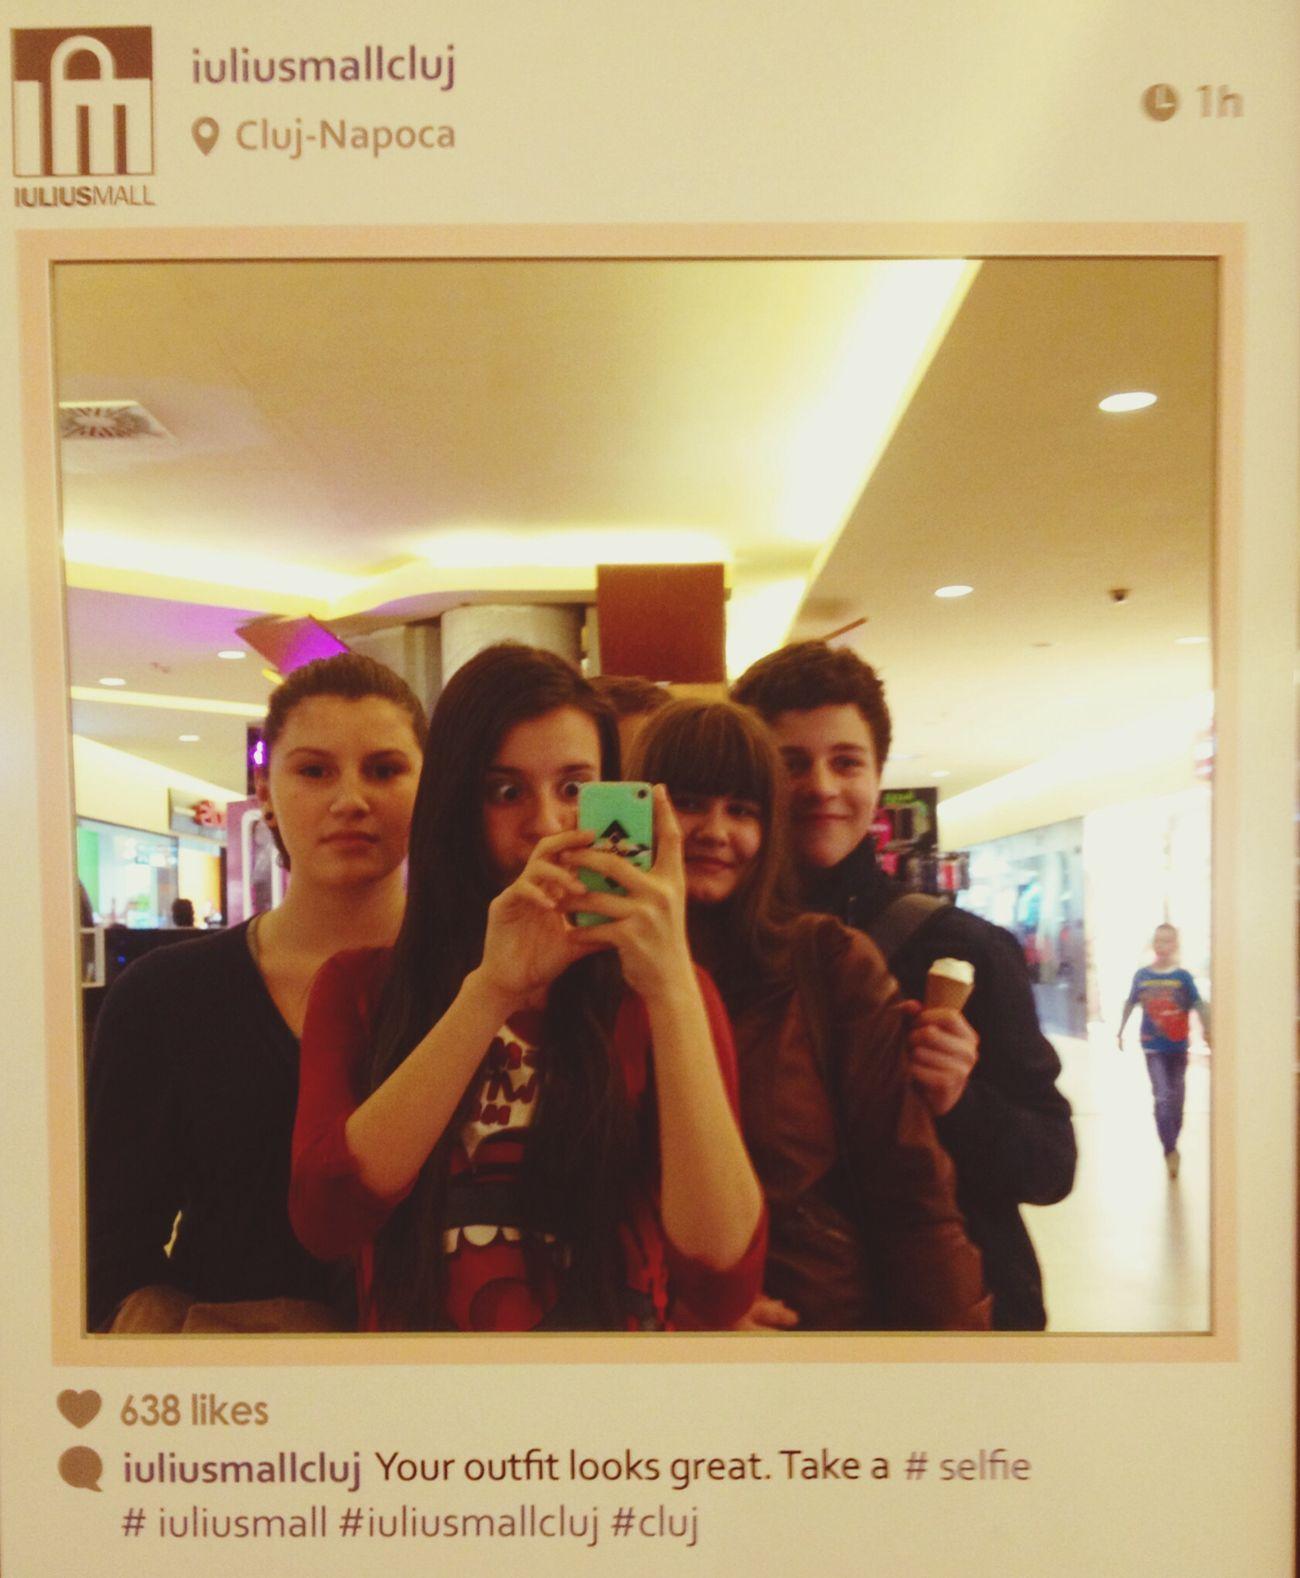 Selfie Instagram 638likes Fuuuuun First Eyeem Photo